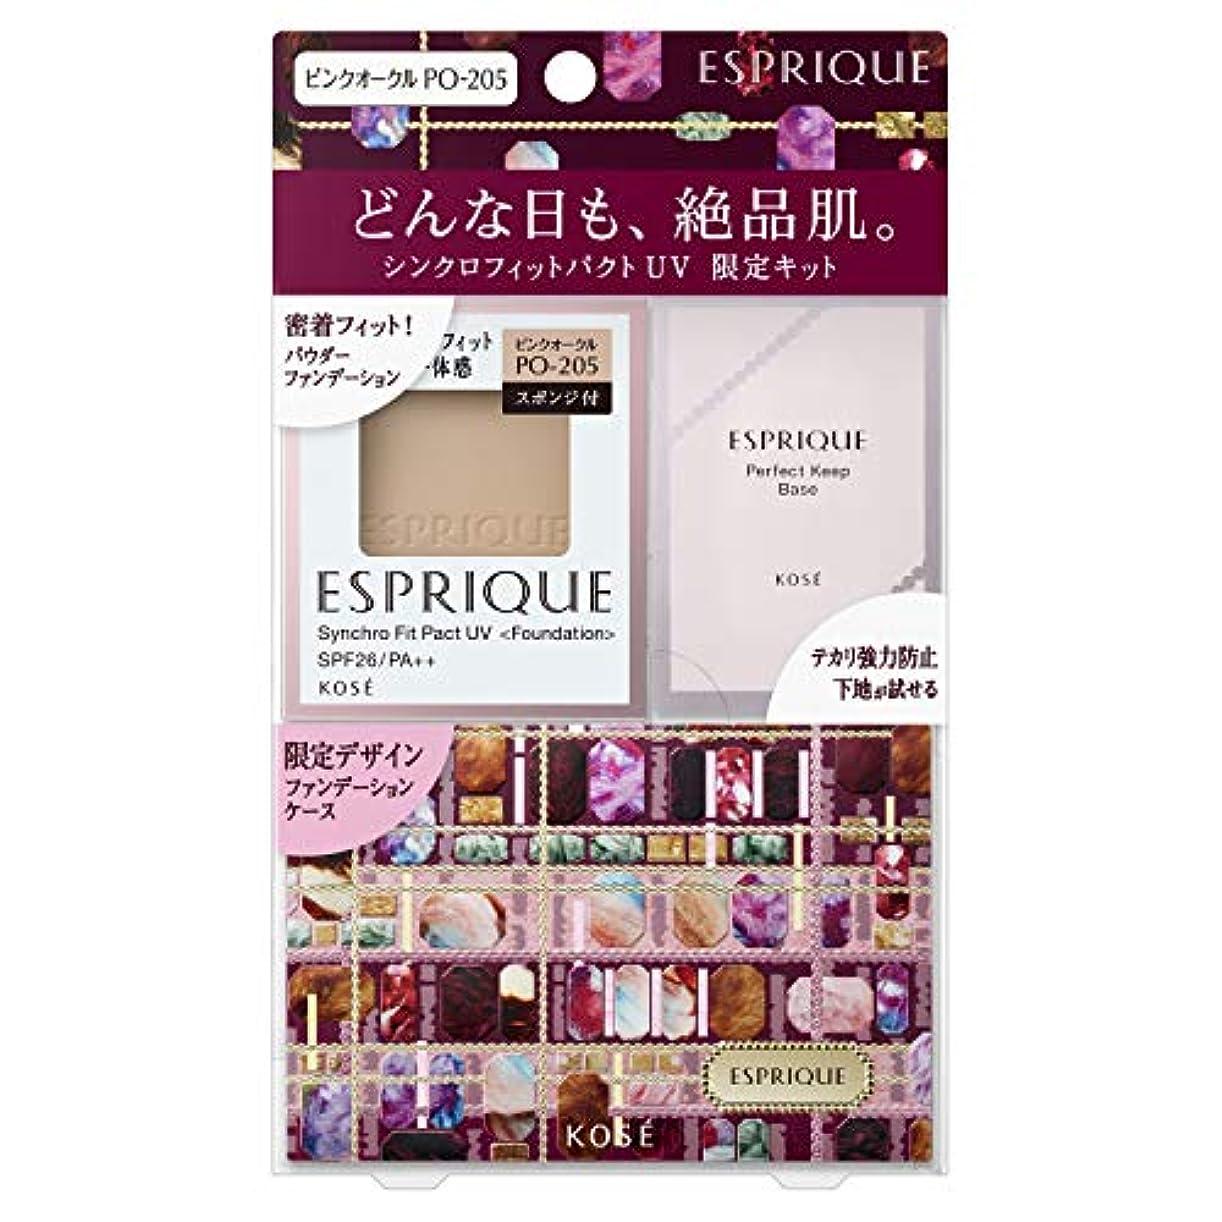 骨楽しませる頬骨ESPRIQUE(エスプリーク) エスプリーク シンクロフィット パクト UV 限定キット 2 ファンデーション PO-205 ピンクオークル セット 9.3g+0.6g+ケース付き